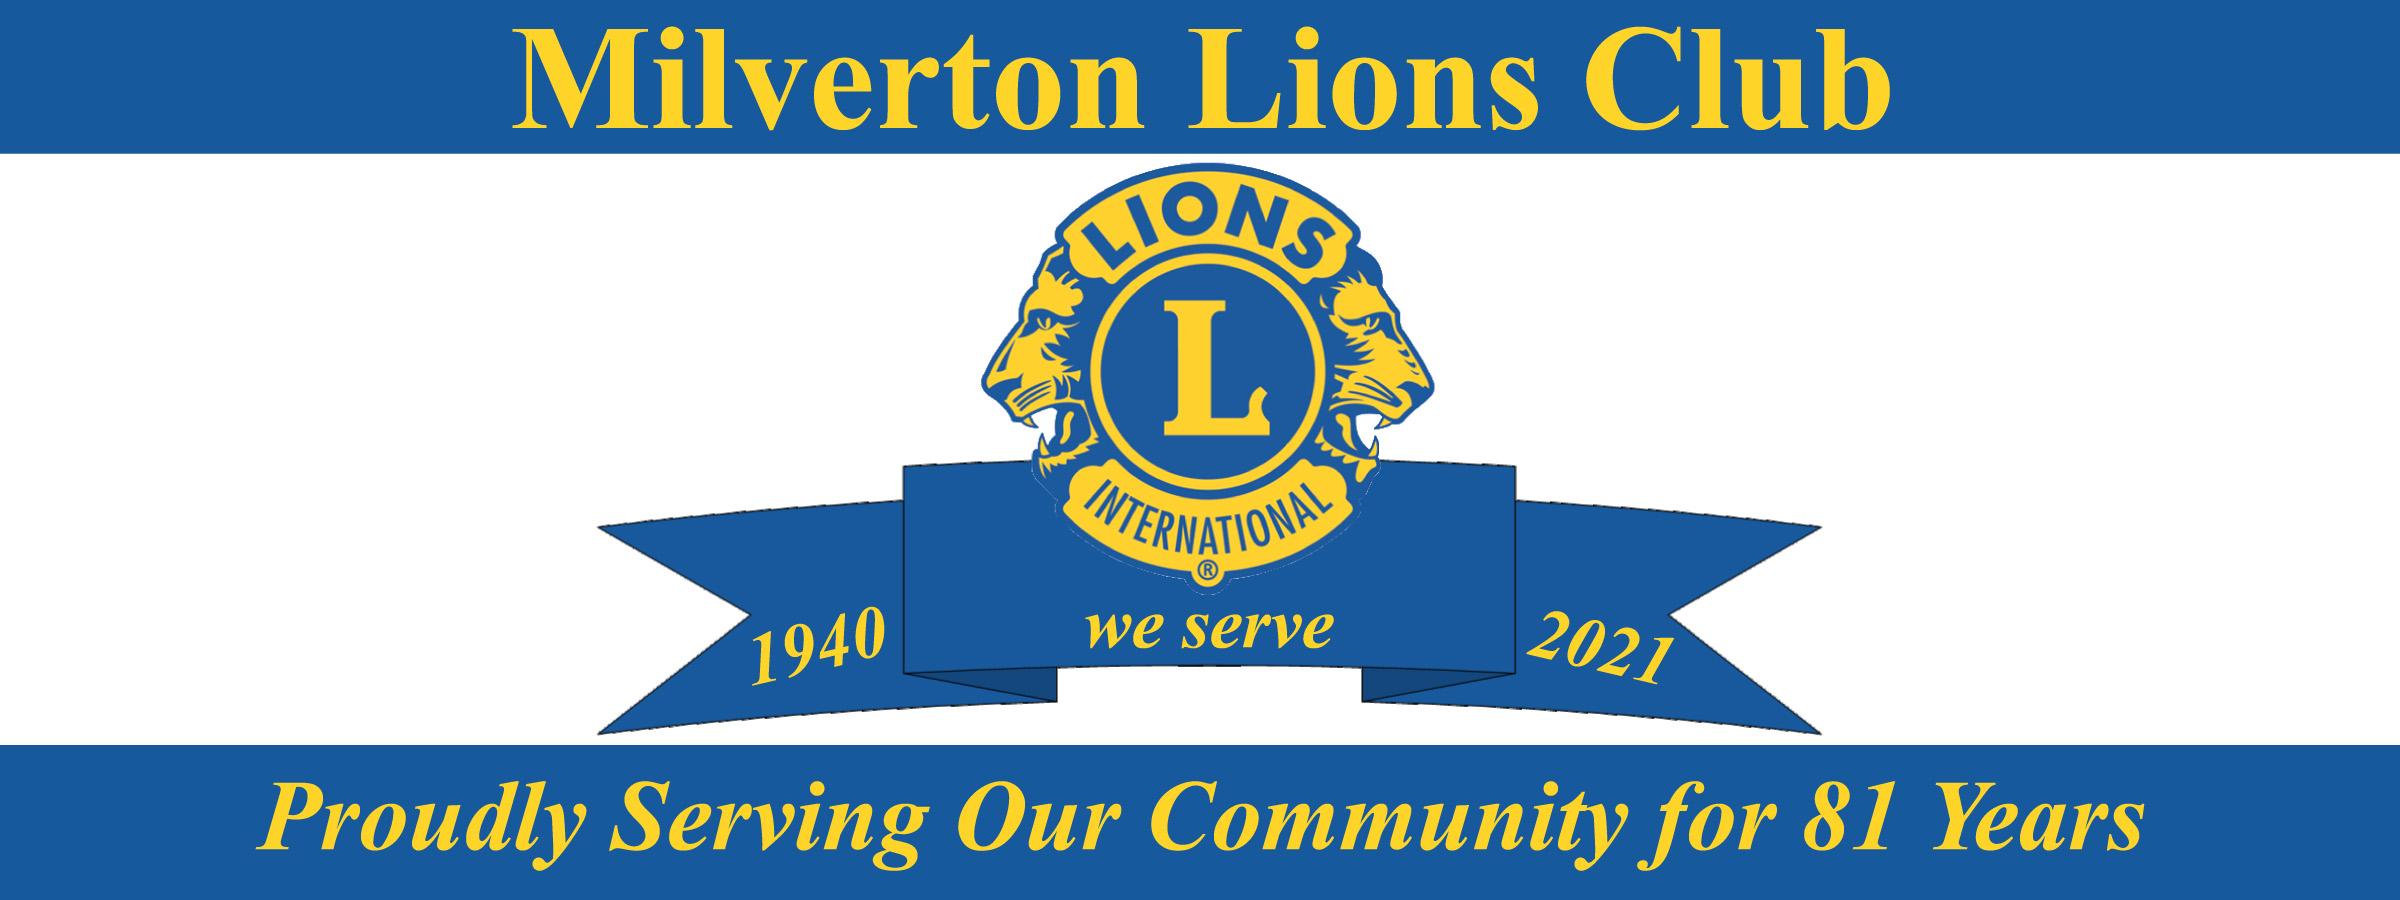 Milverton Lions Club's Logo